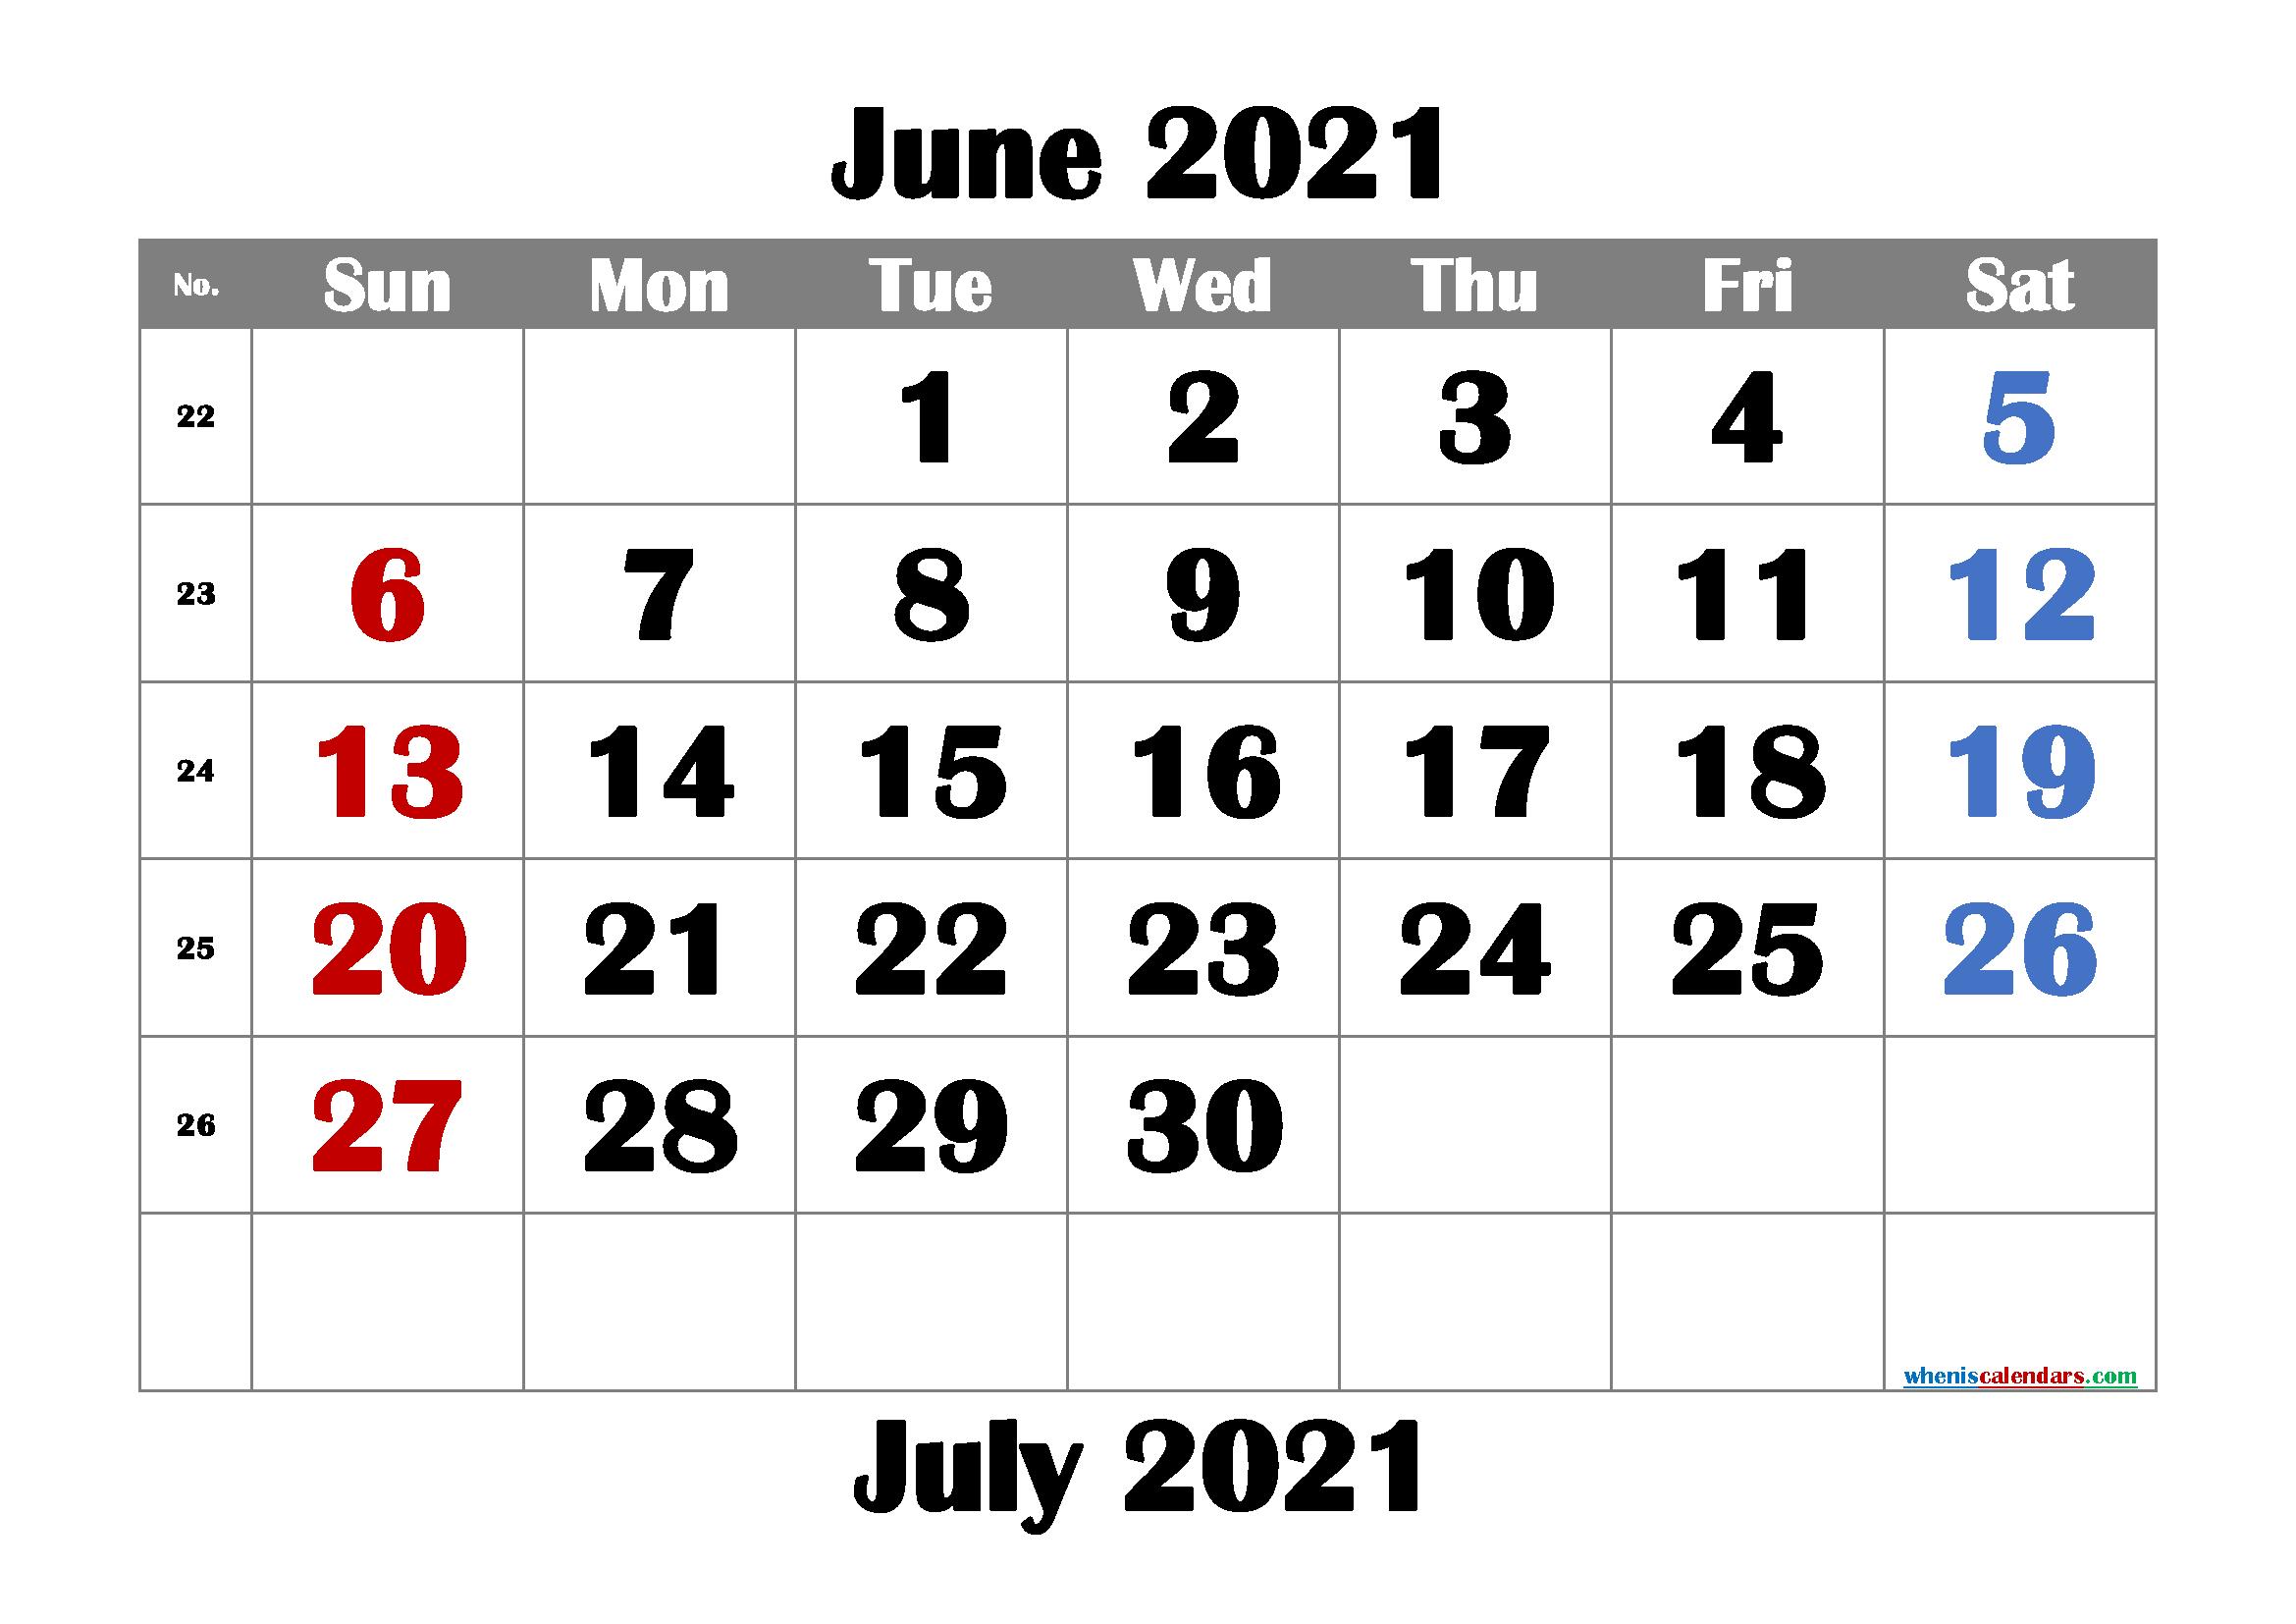 free printable june 2021 calendar with week numbers